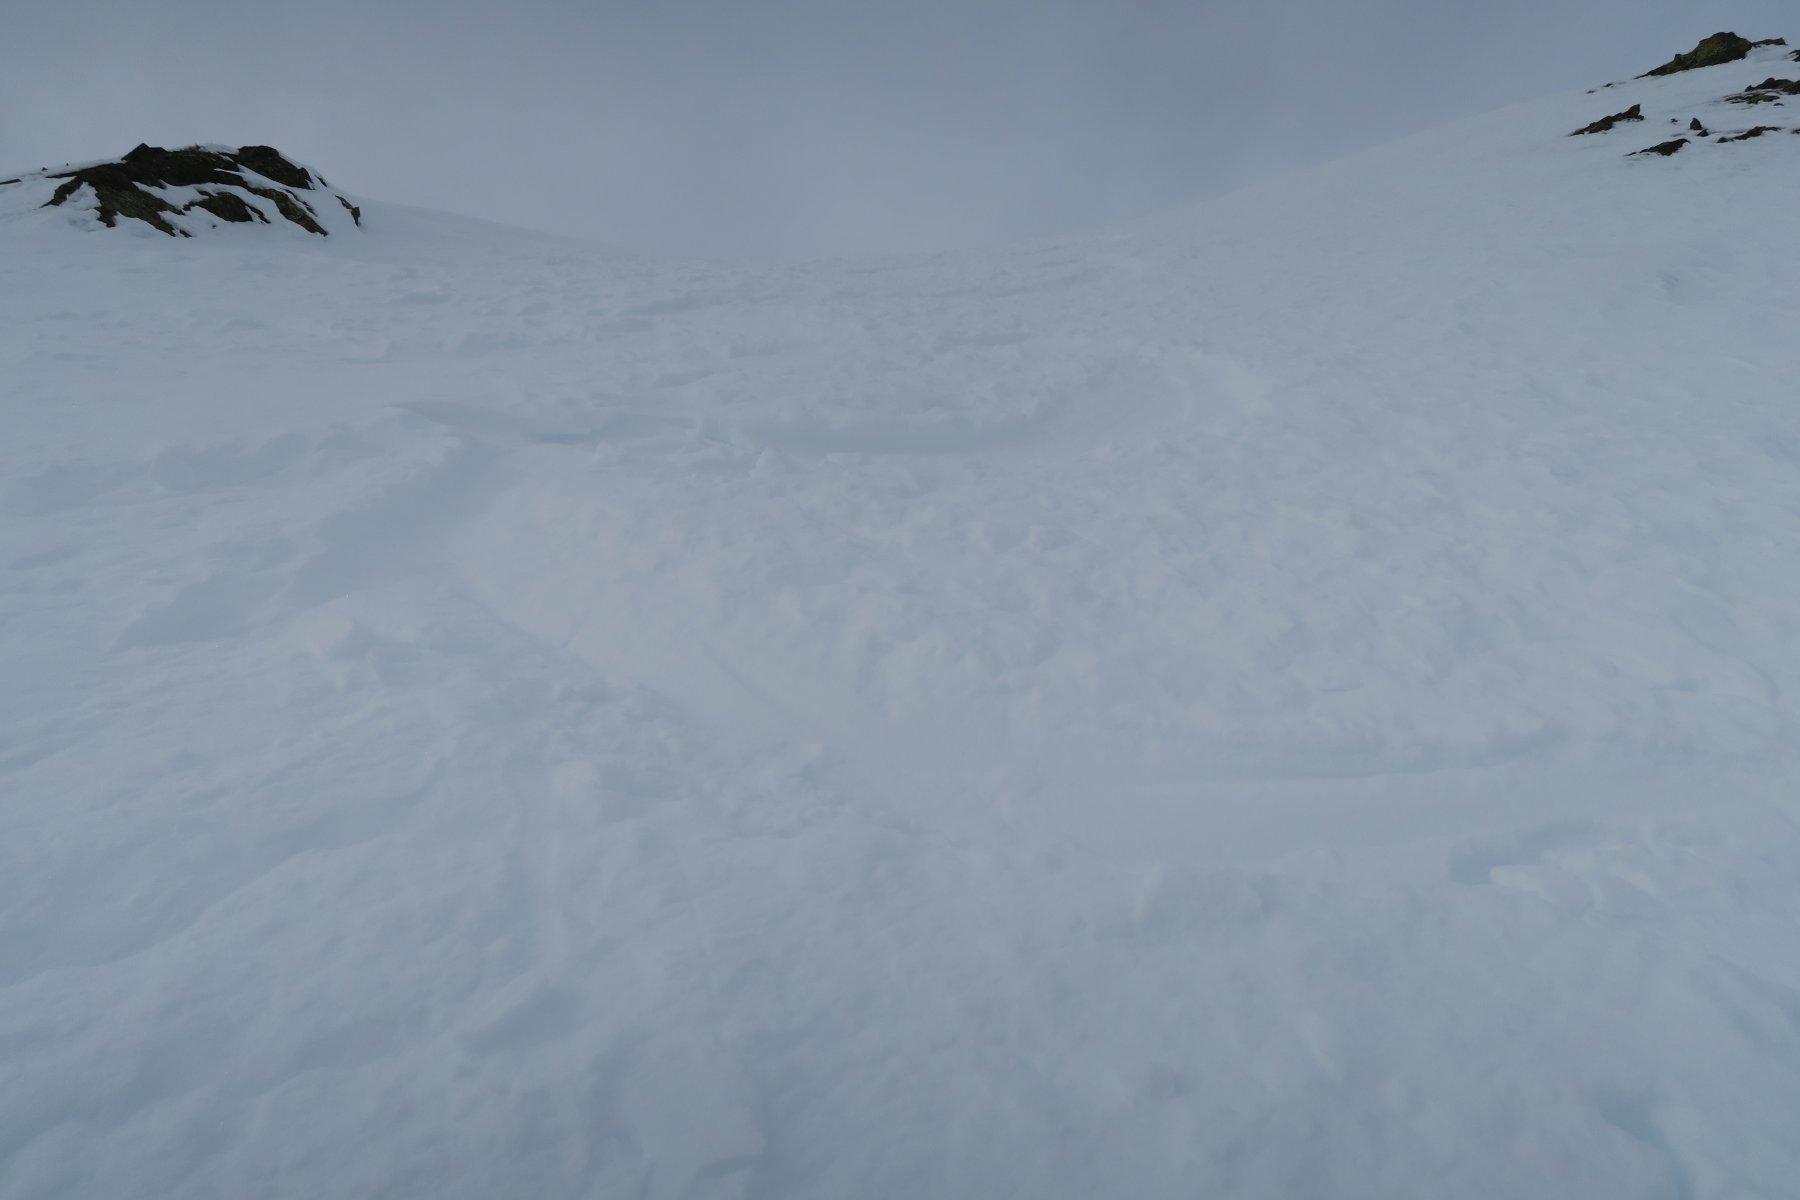 ottima neve ma purtroppo quando sono sceso la visibilità era un pò scarsa